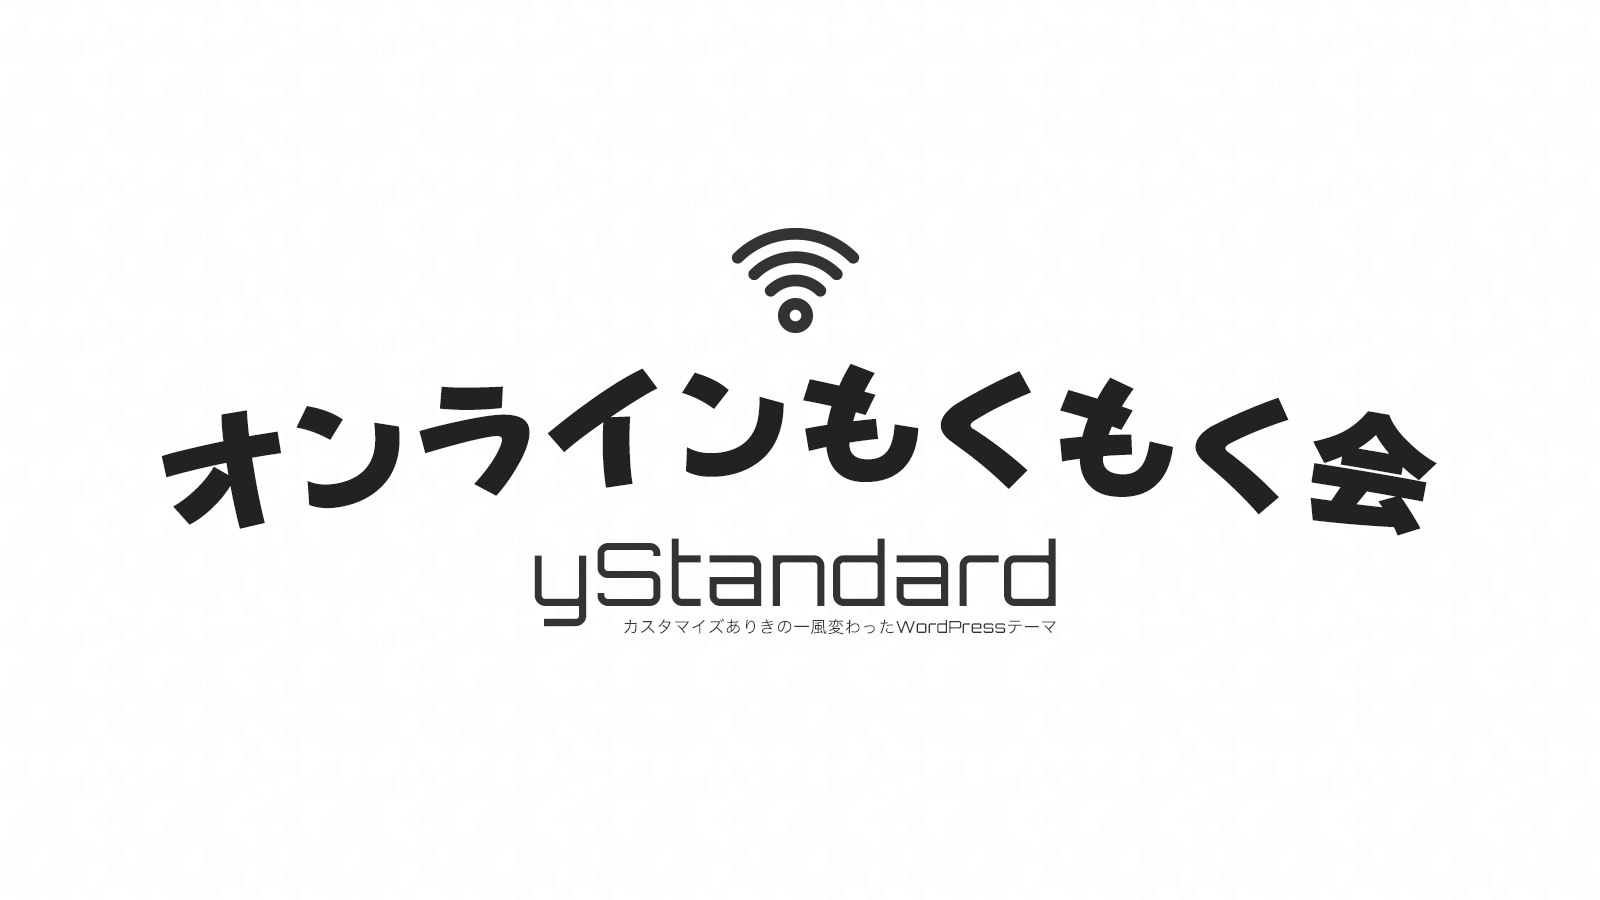 次回 yStandard オンラインもくもく勉強会は10月27日 13:30~